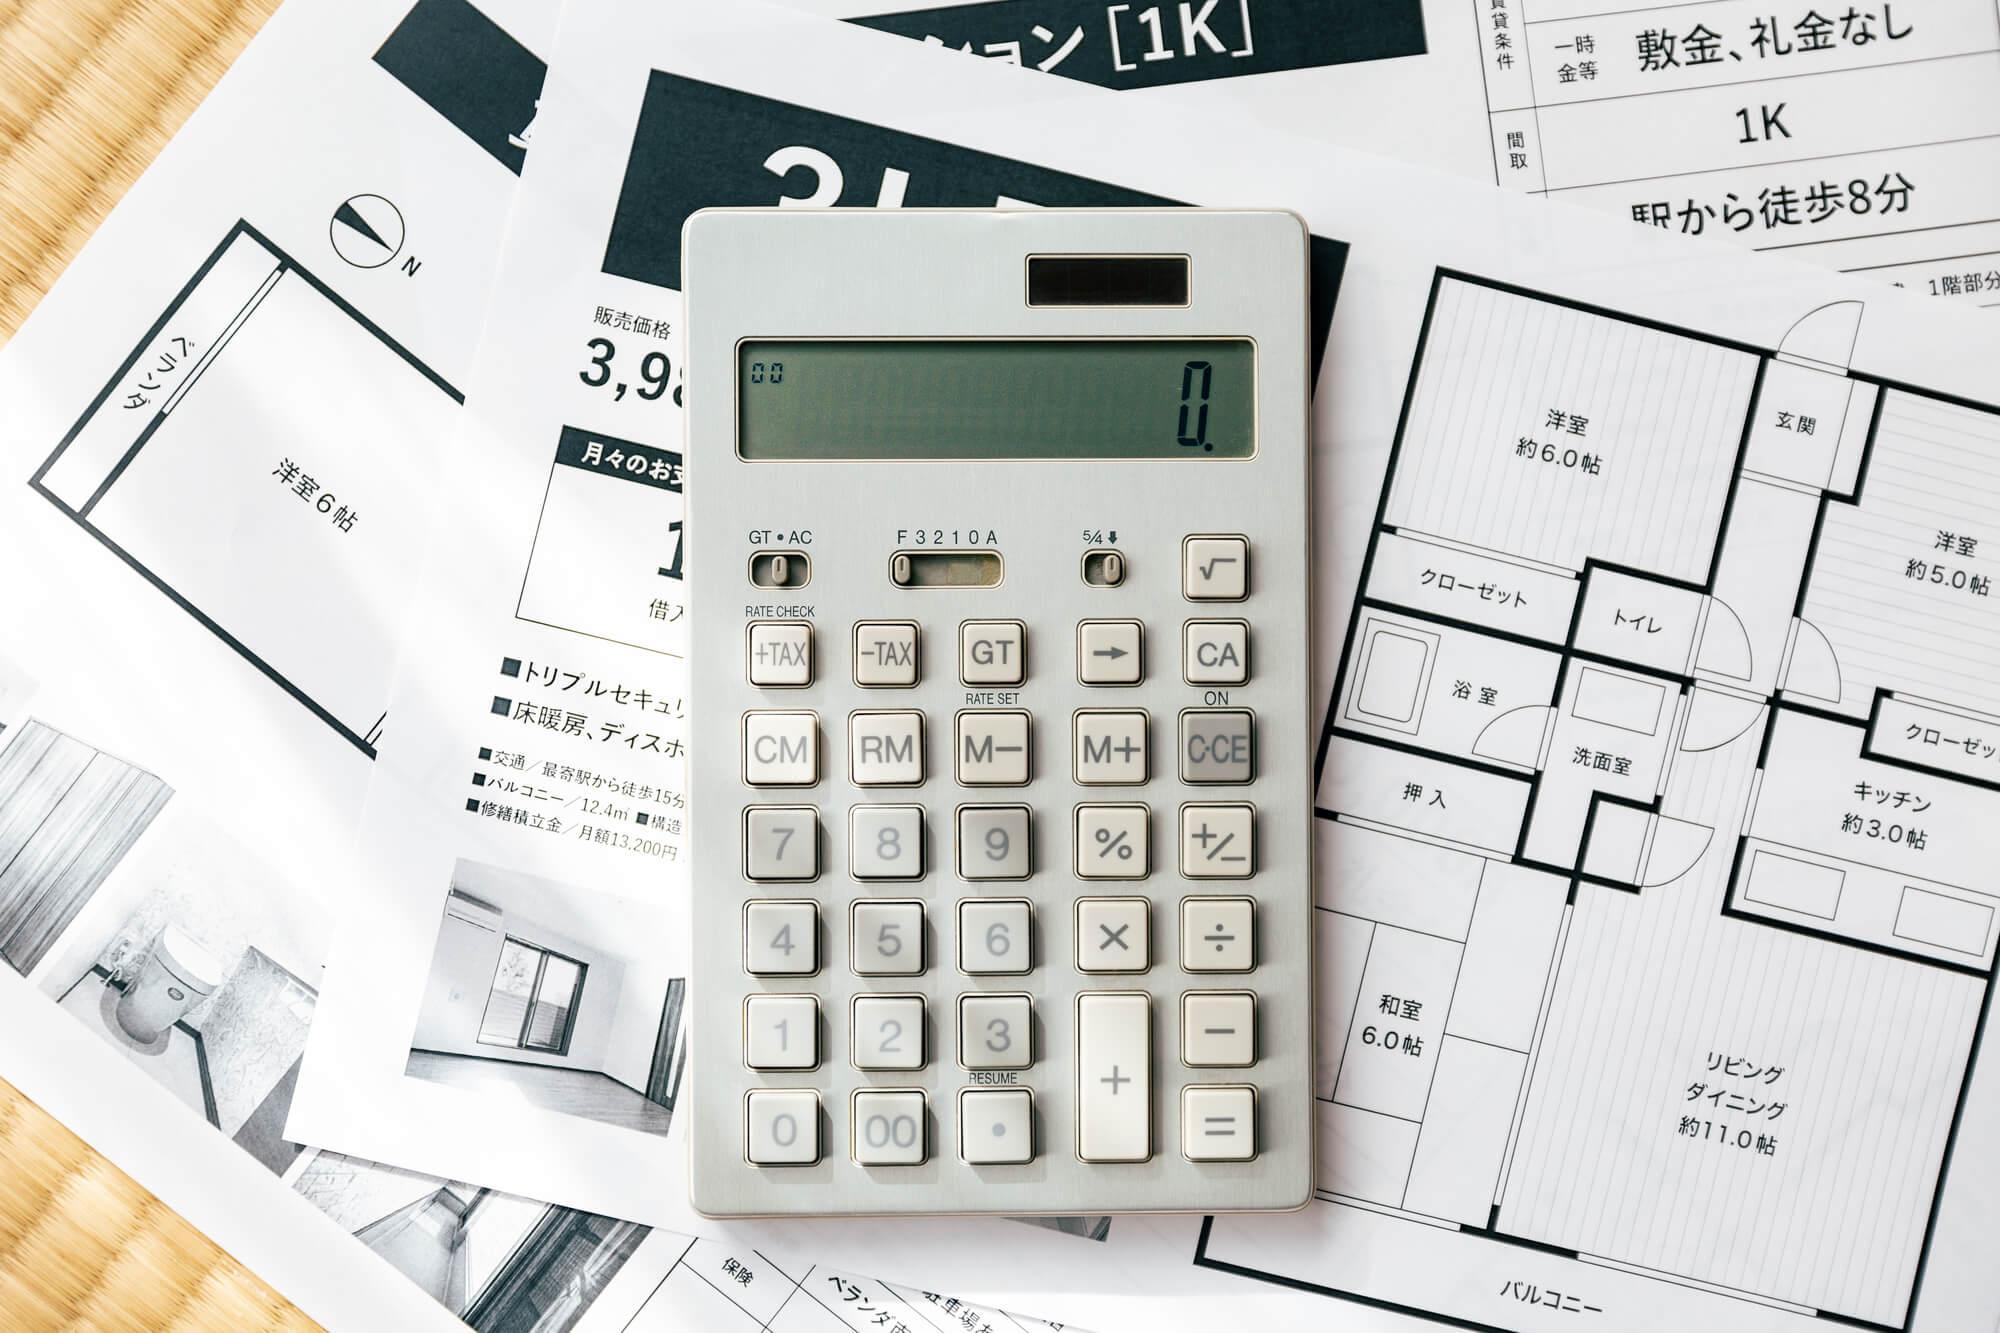 不動産投資家の必須情報! 表面利回りと実質利回りの計算方法